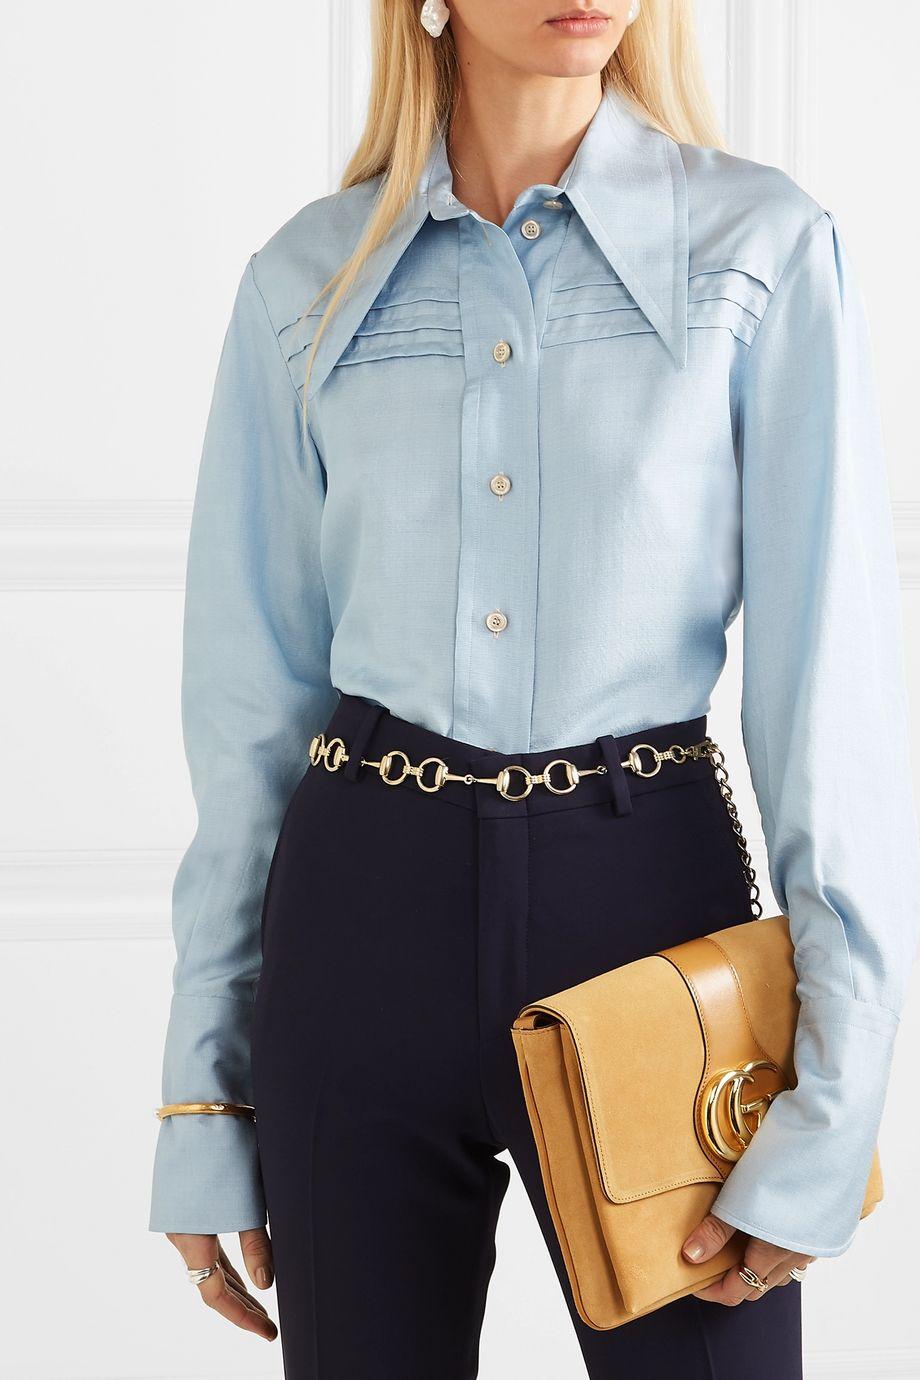 Gucci Horsebit gold-tone belt